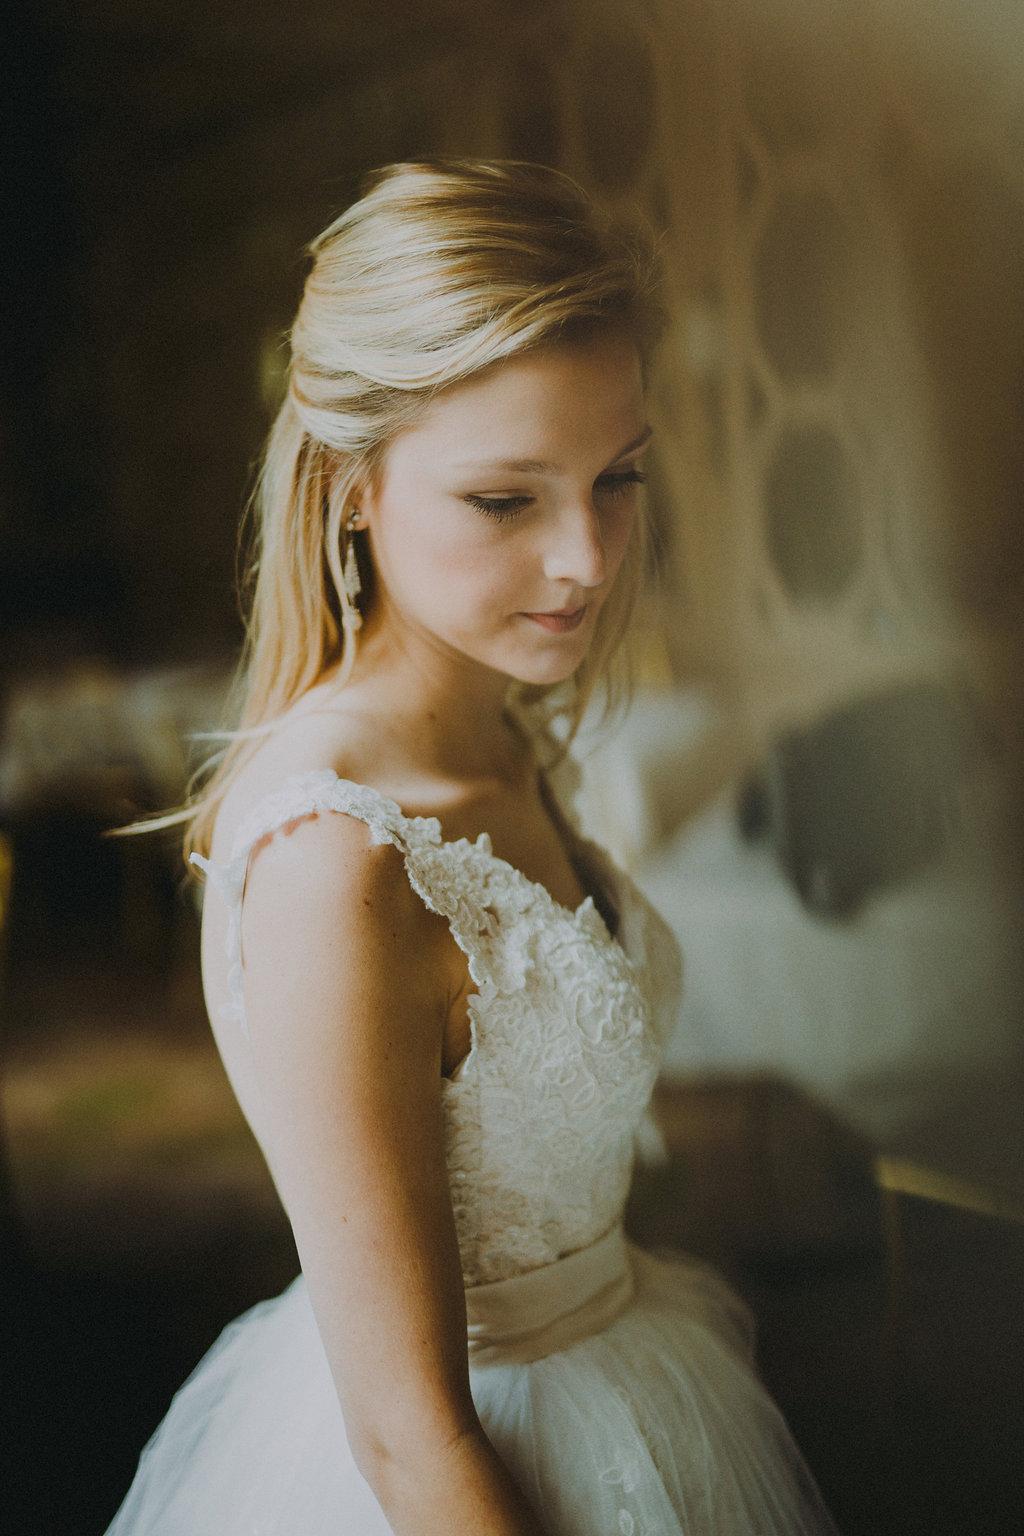 kennedy_bridals-25.jpg